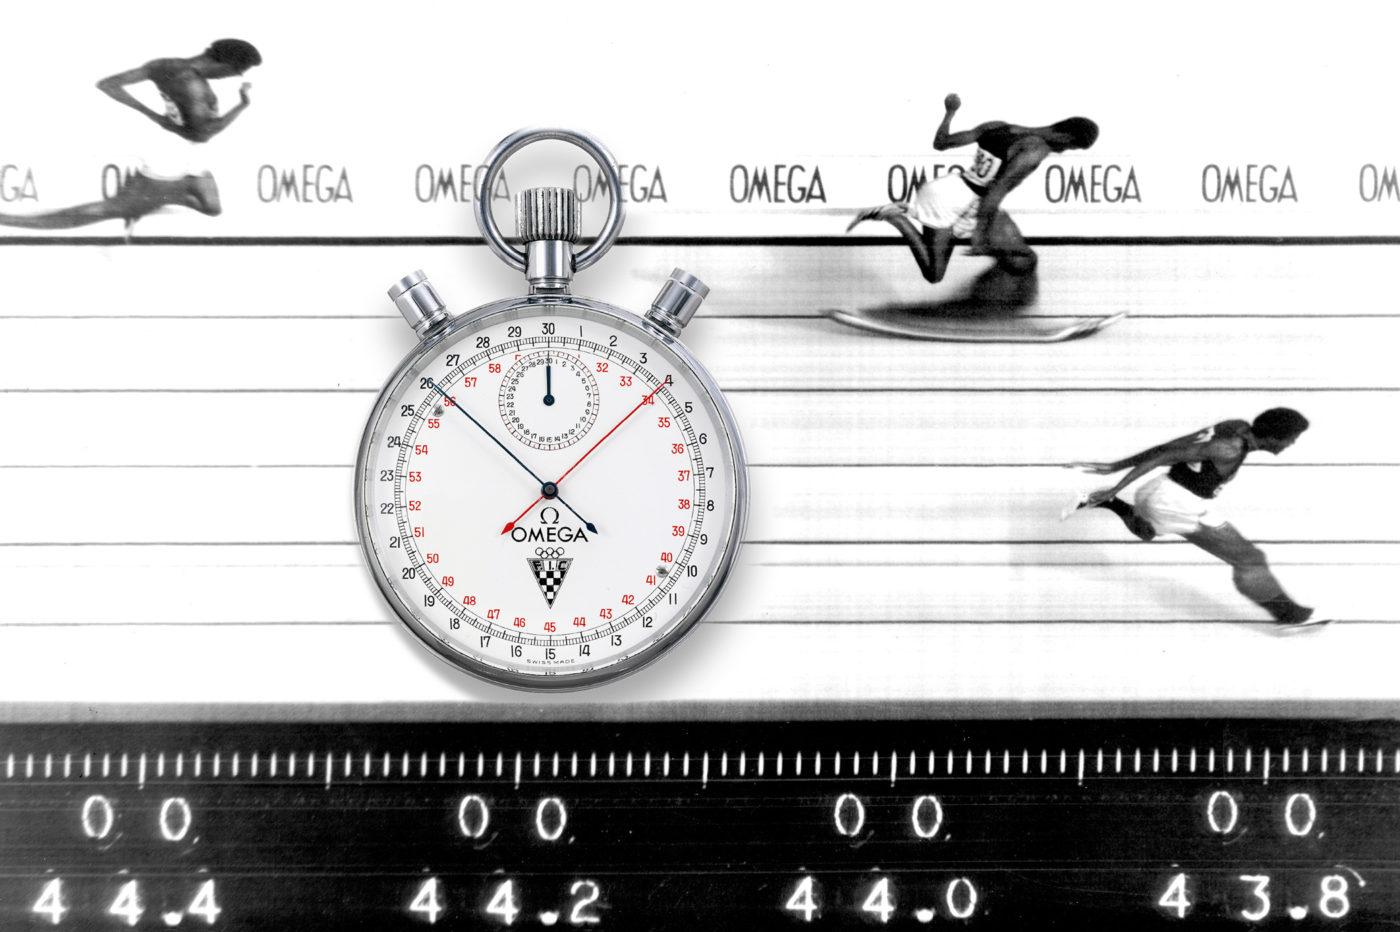 Dzieje zegarmistrzostwa W blokach startowych – historia chronometrażu